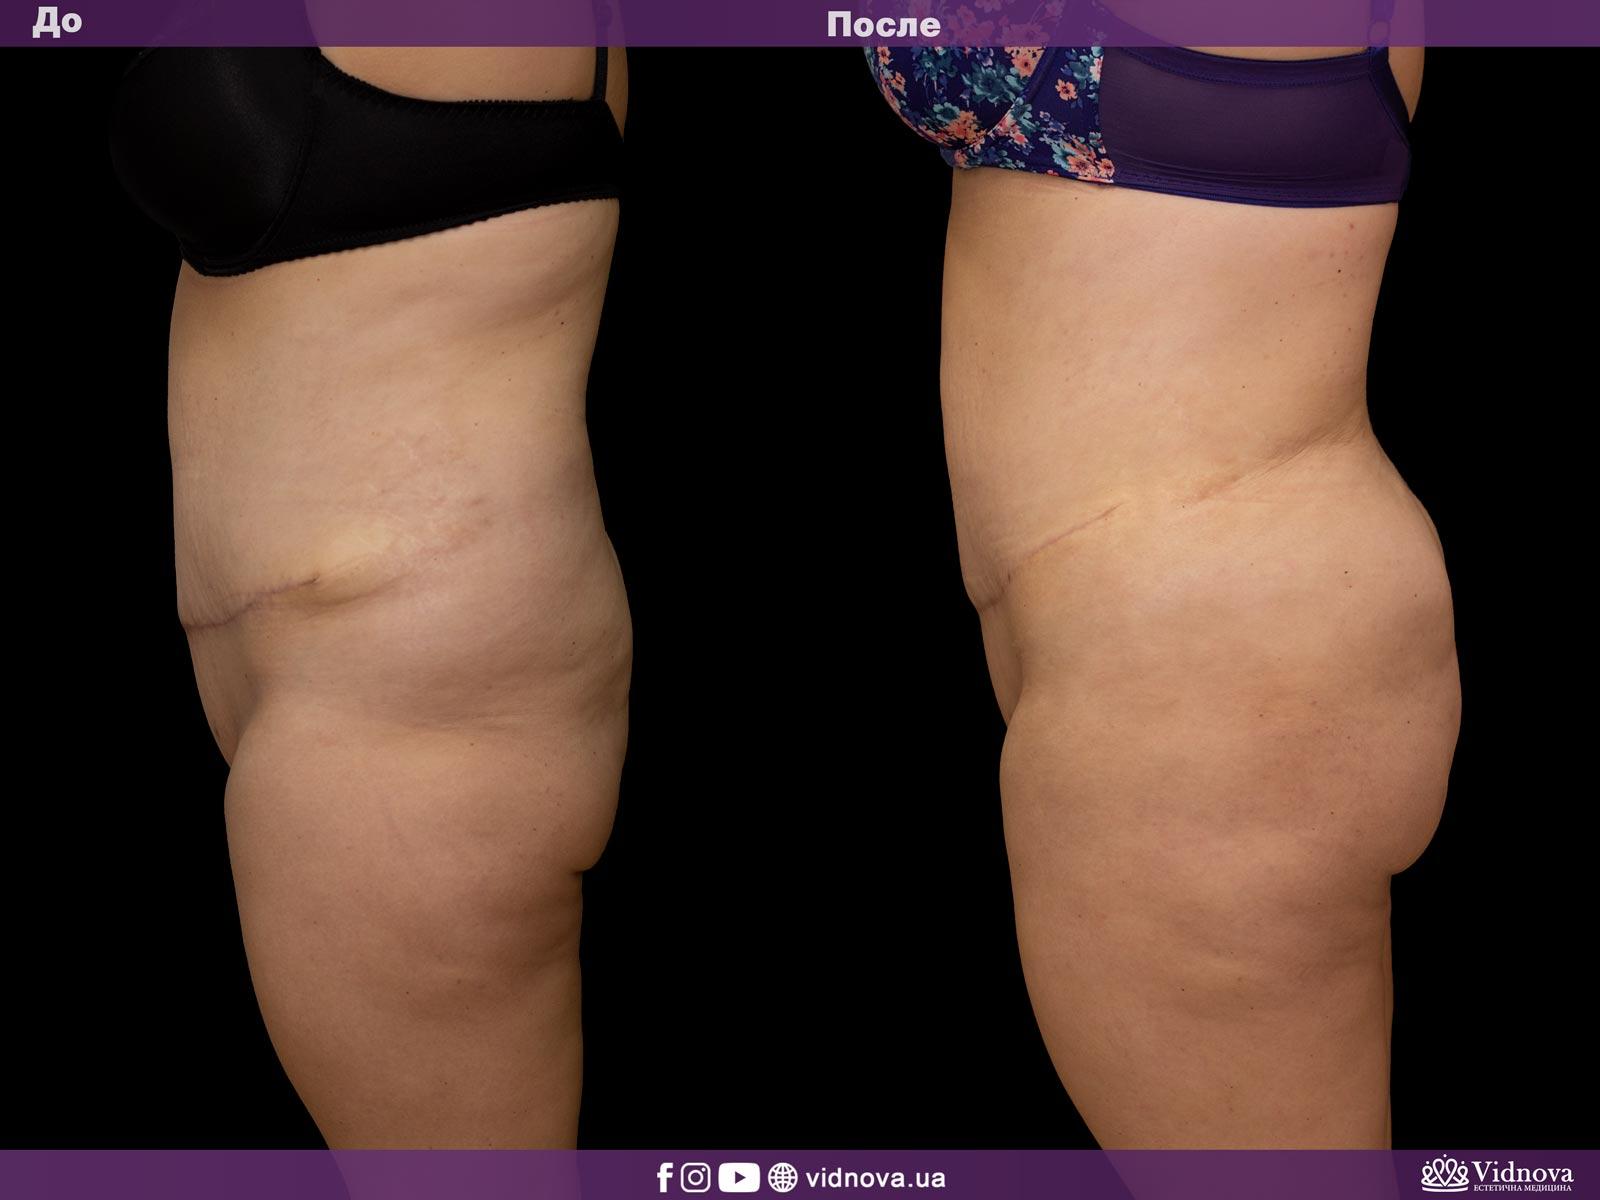 Липоскульптурирование: Фото До и После - Пример №1-3 - Клиника Vidnova